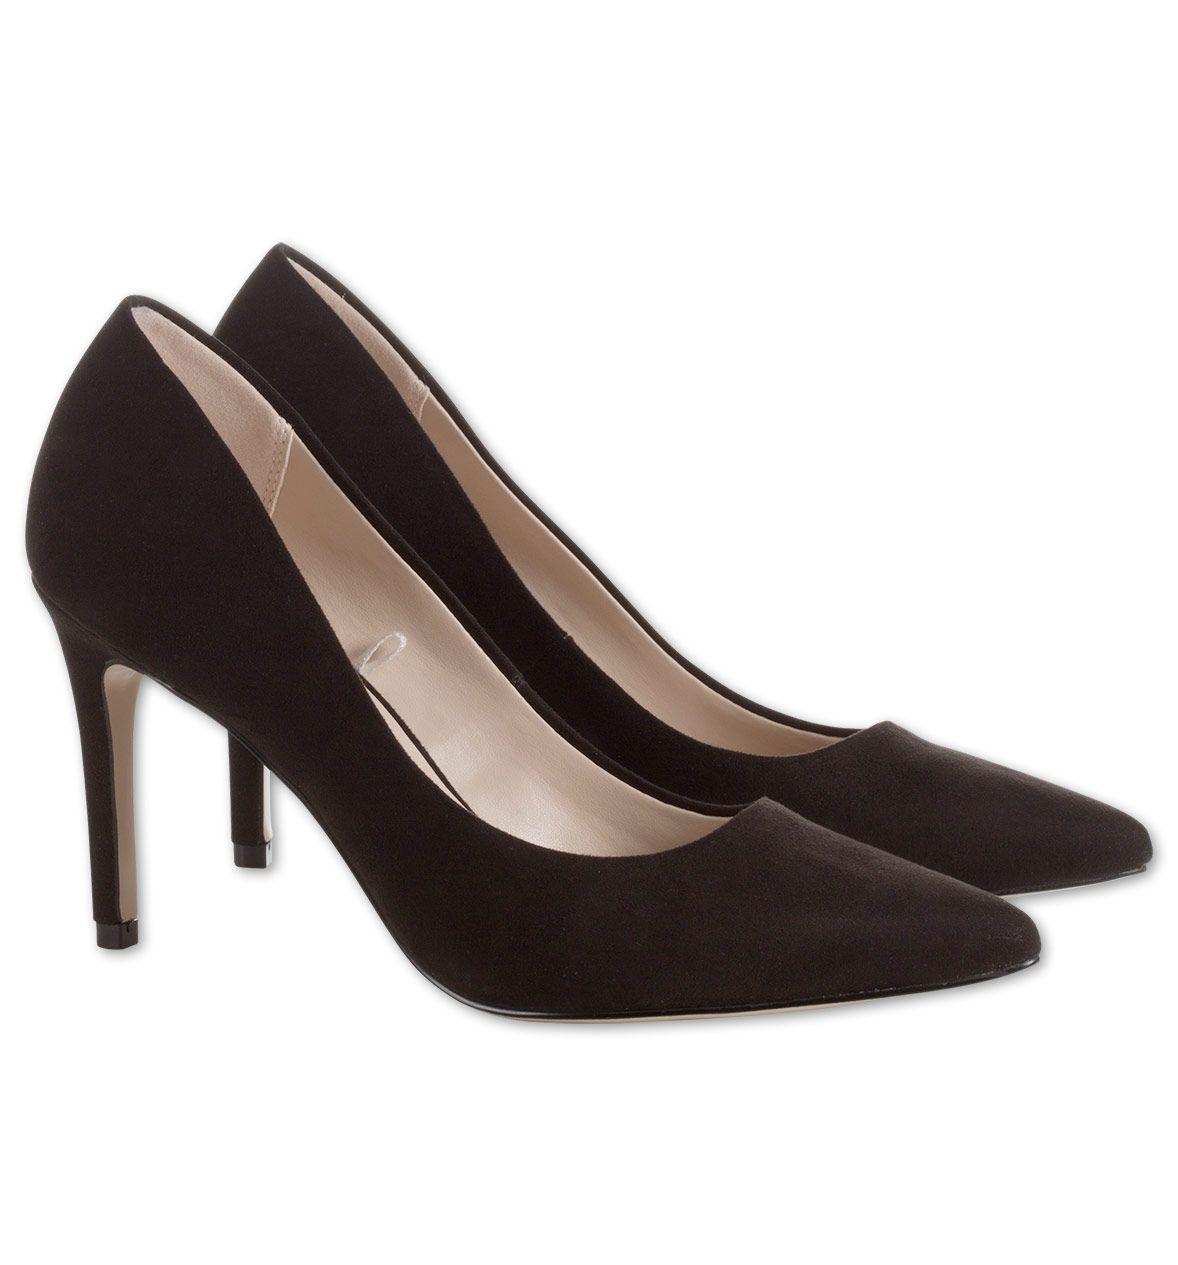 new styles 0f41d 6313d Zapatos en punta-C A